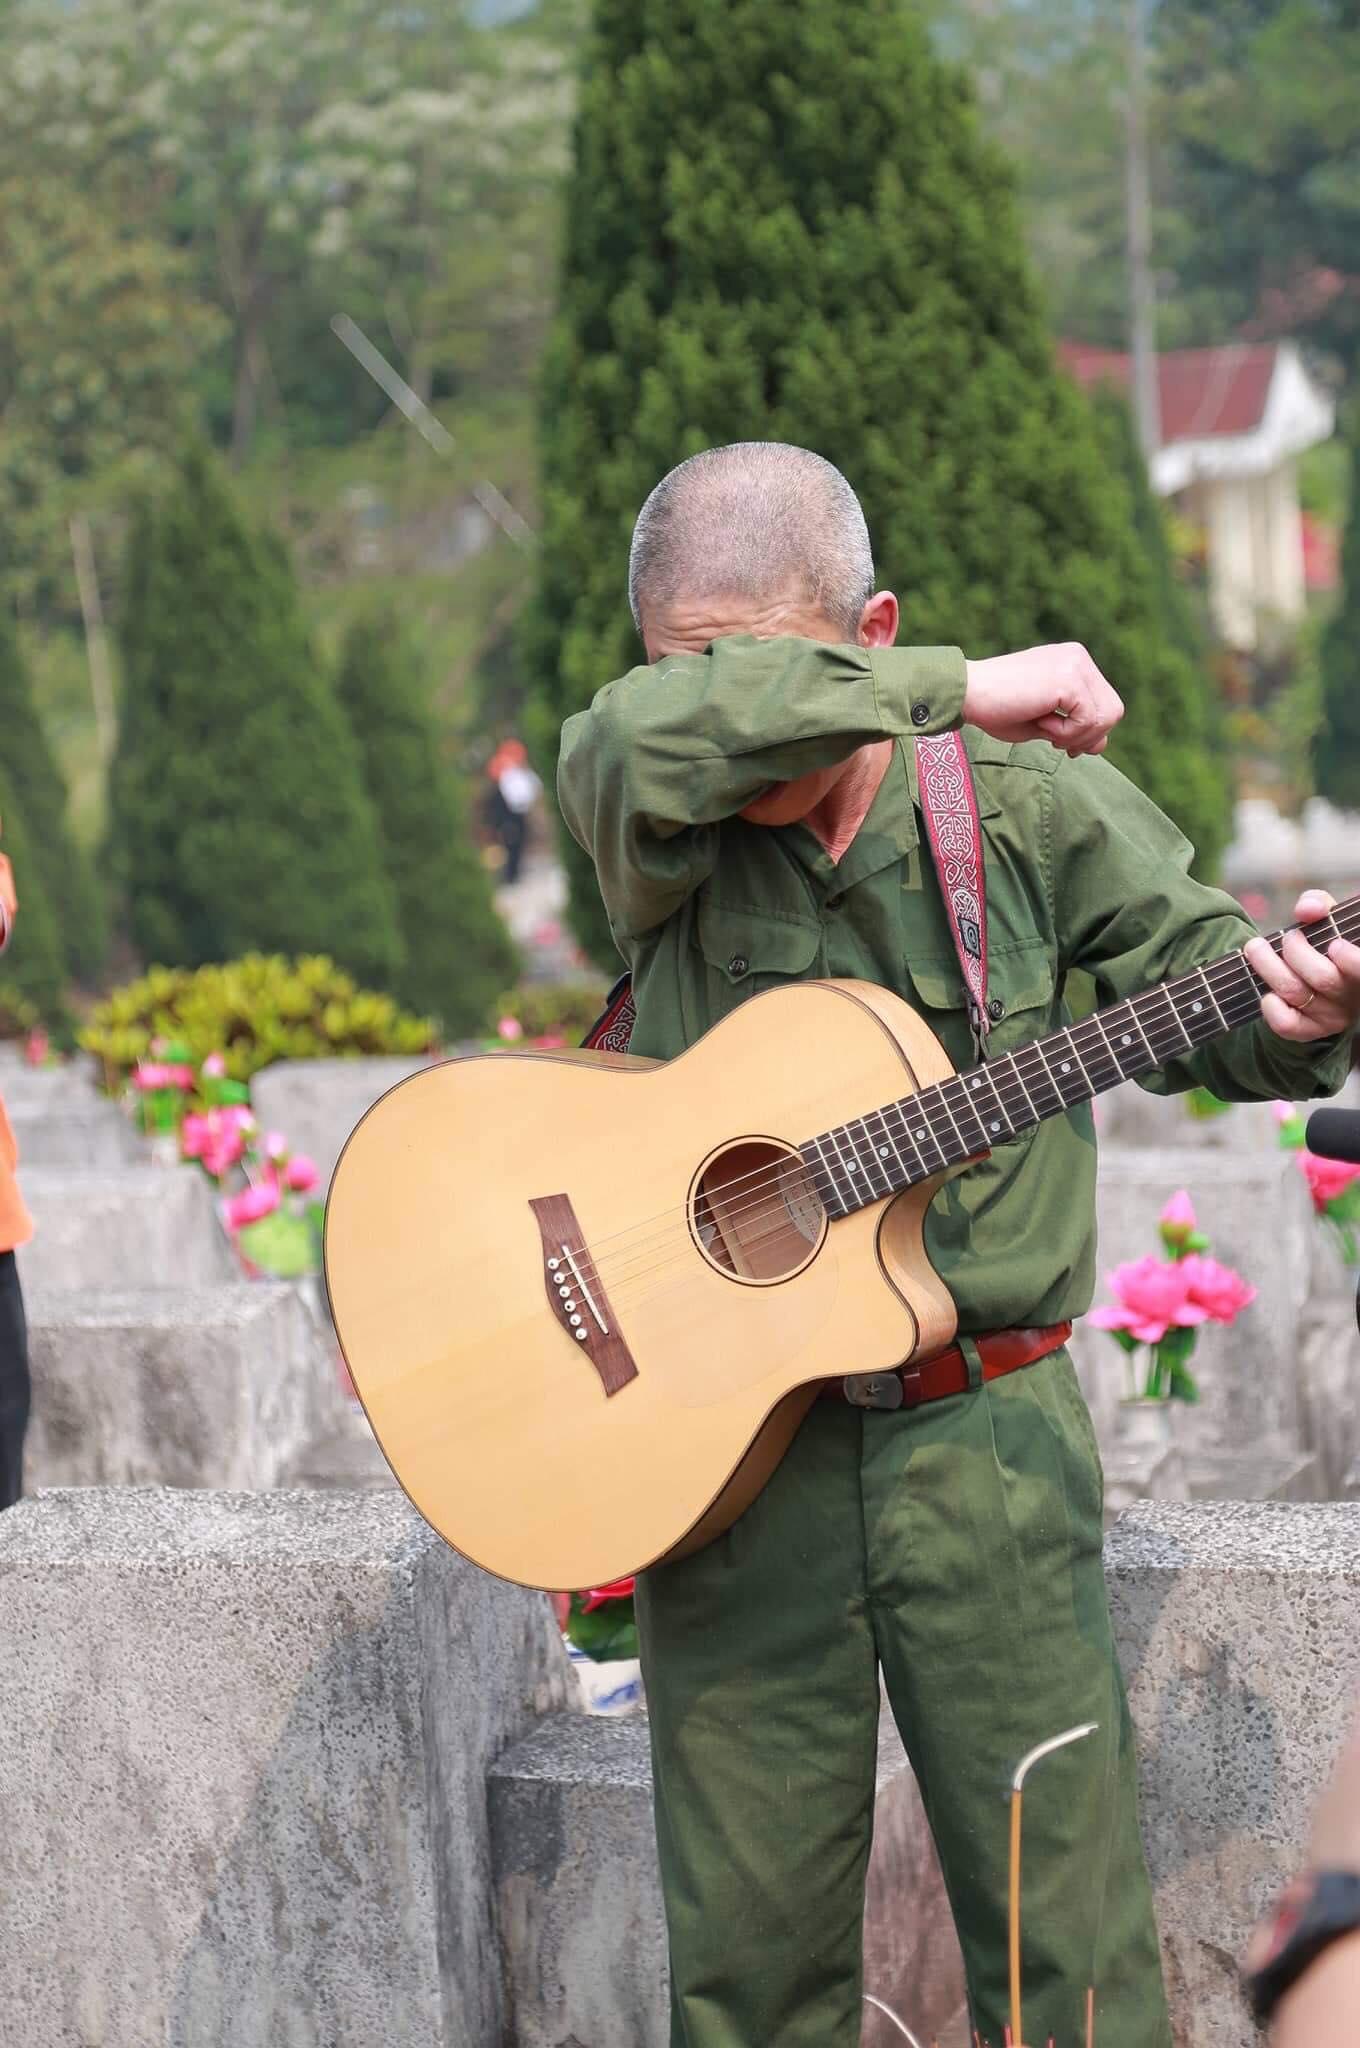 """Khi nốt nhạc cuối vang lên, anh Hải xúc động khóc. Anh đặt nhẹ tay lên mộ các liệt sĩ, giọng nghẹn ngào, hứa: """"Tạm biệt các đồng chí, tháng Bảy giỗ trận tôi lại lên""""."""